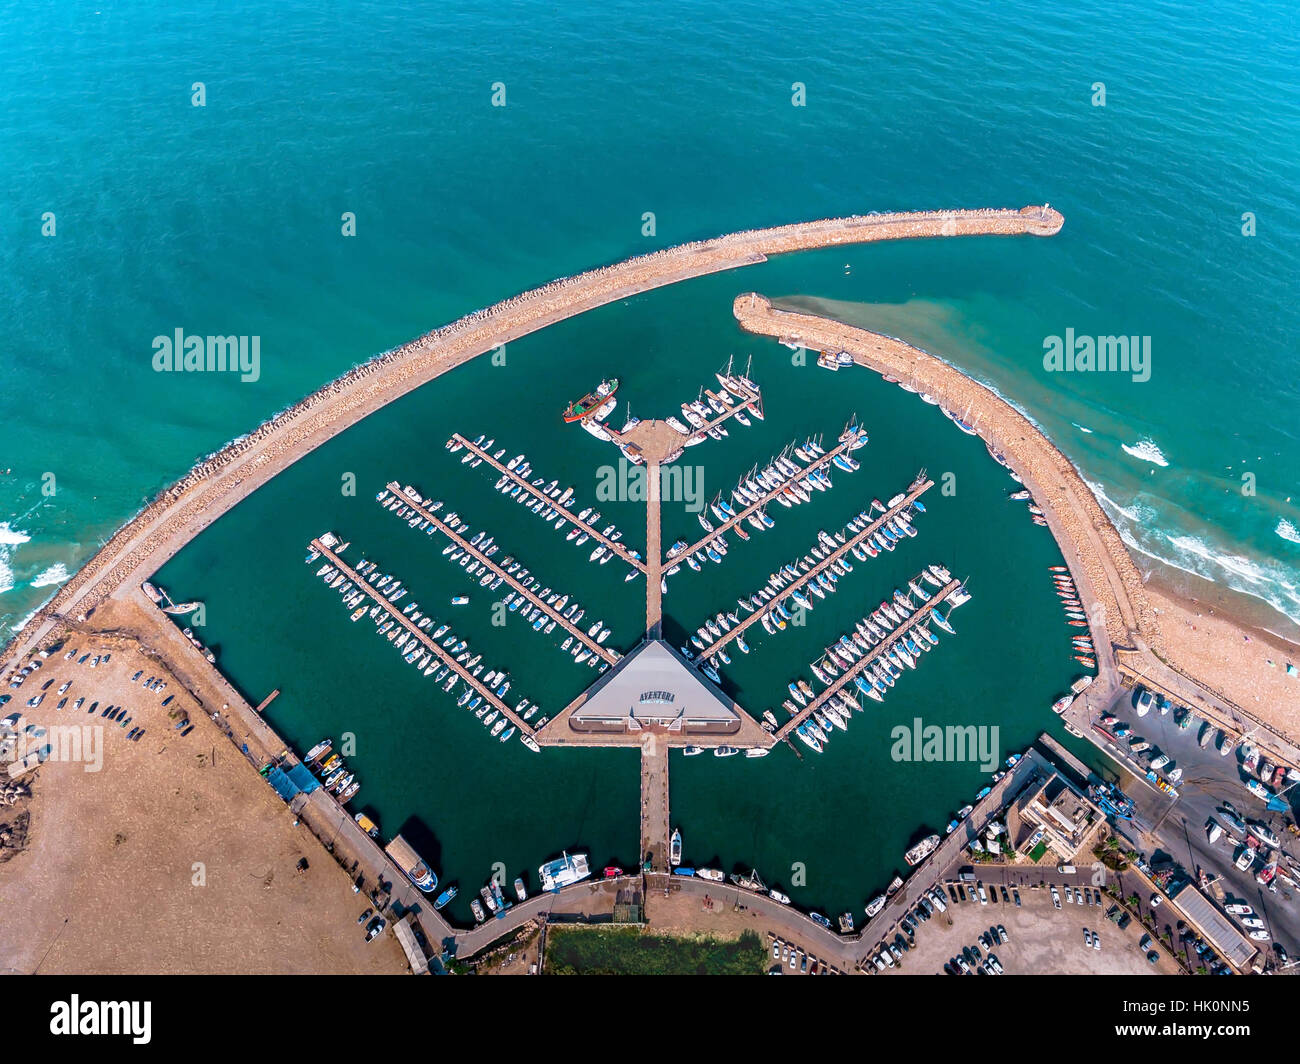 Ashdod Marina: The Marina Yacht Port In Ashdod Stock Photo: 132168097